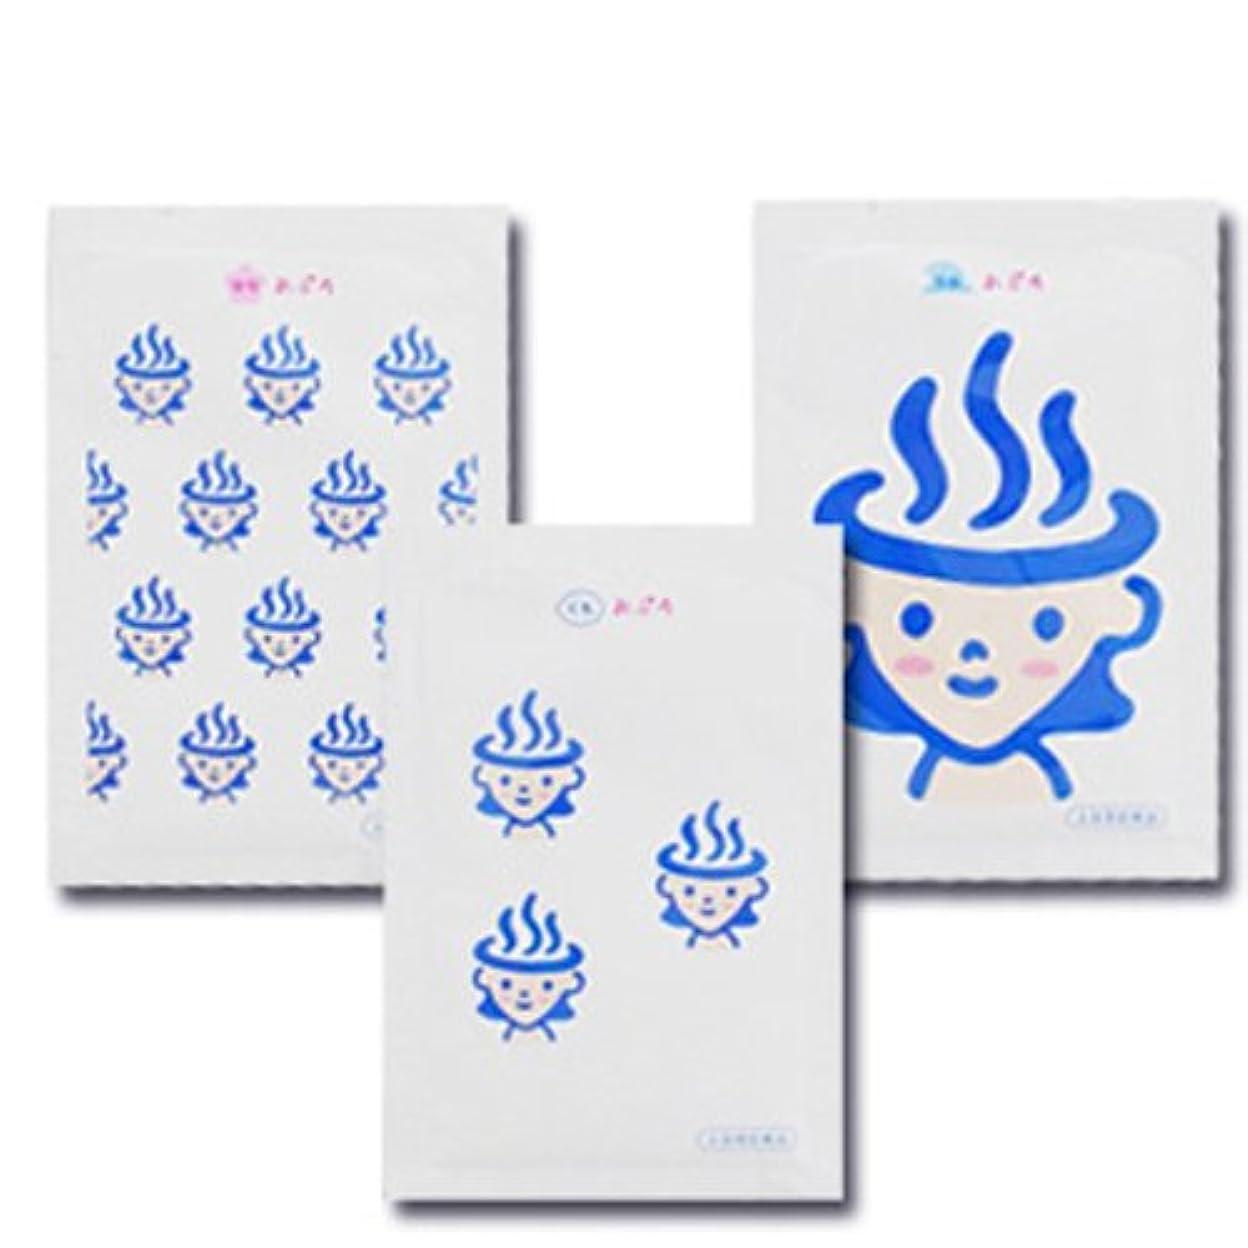 乱闘ショート応用お風呂サプリ おぷろ 3包入り(3種×1包)